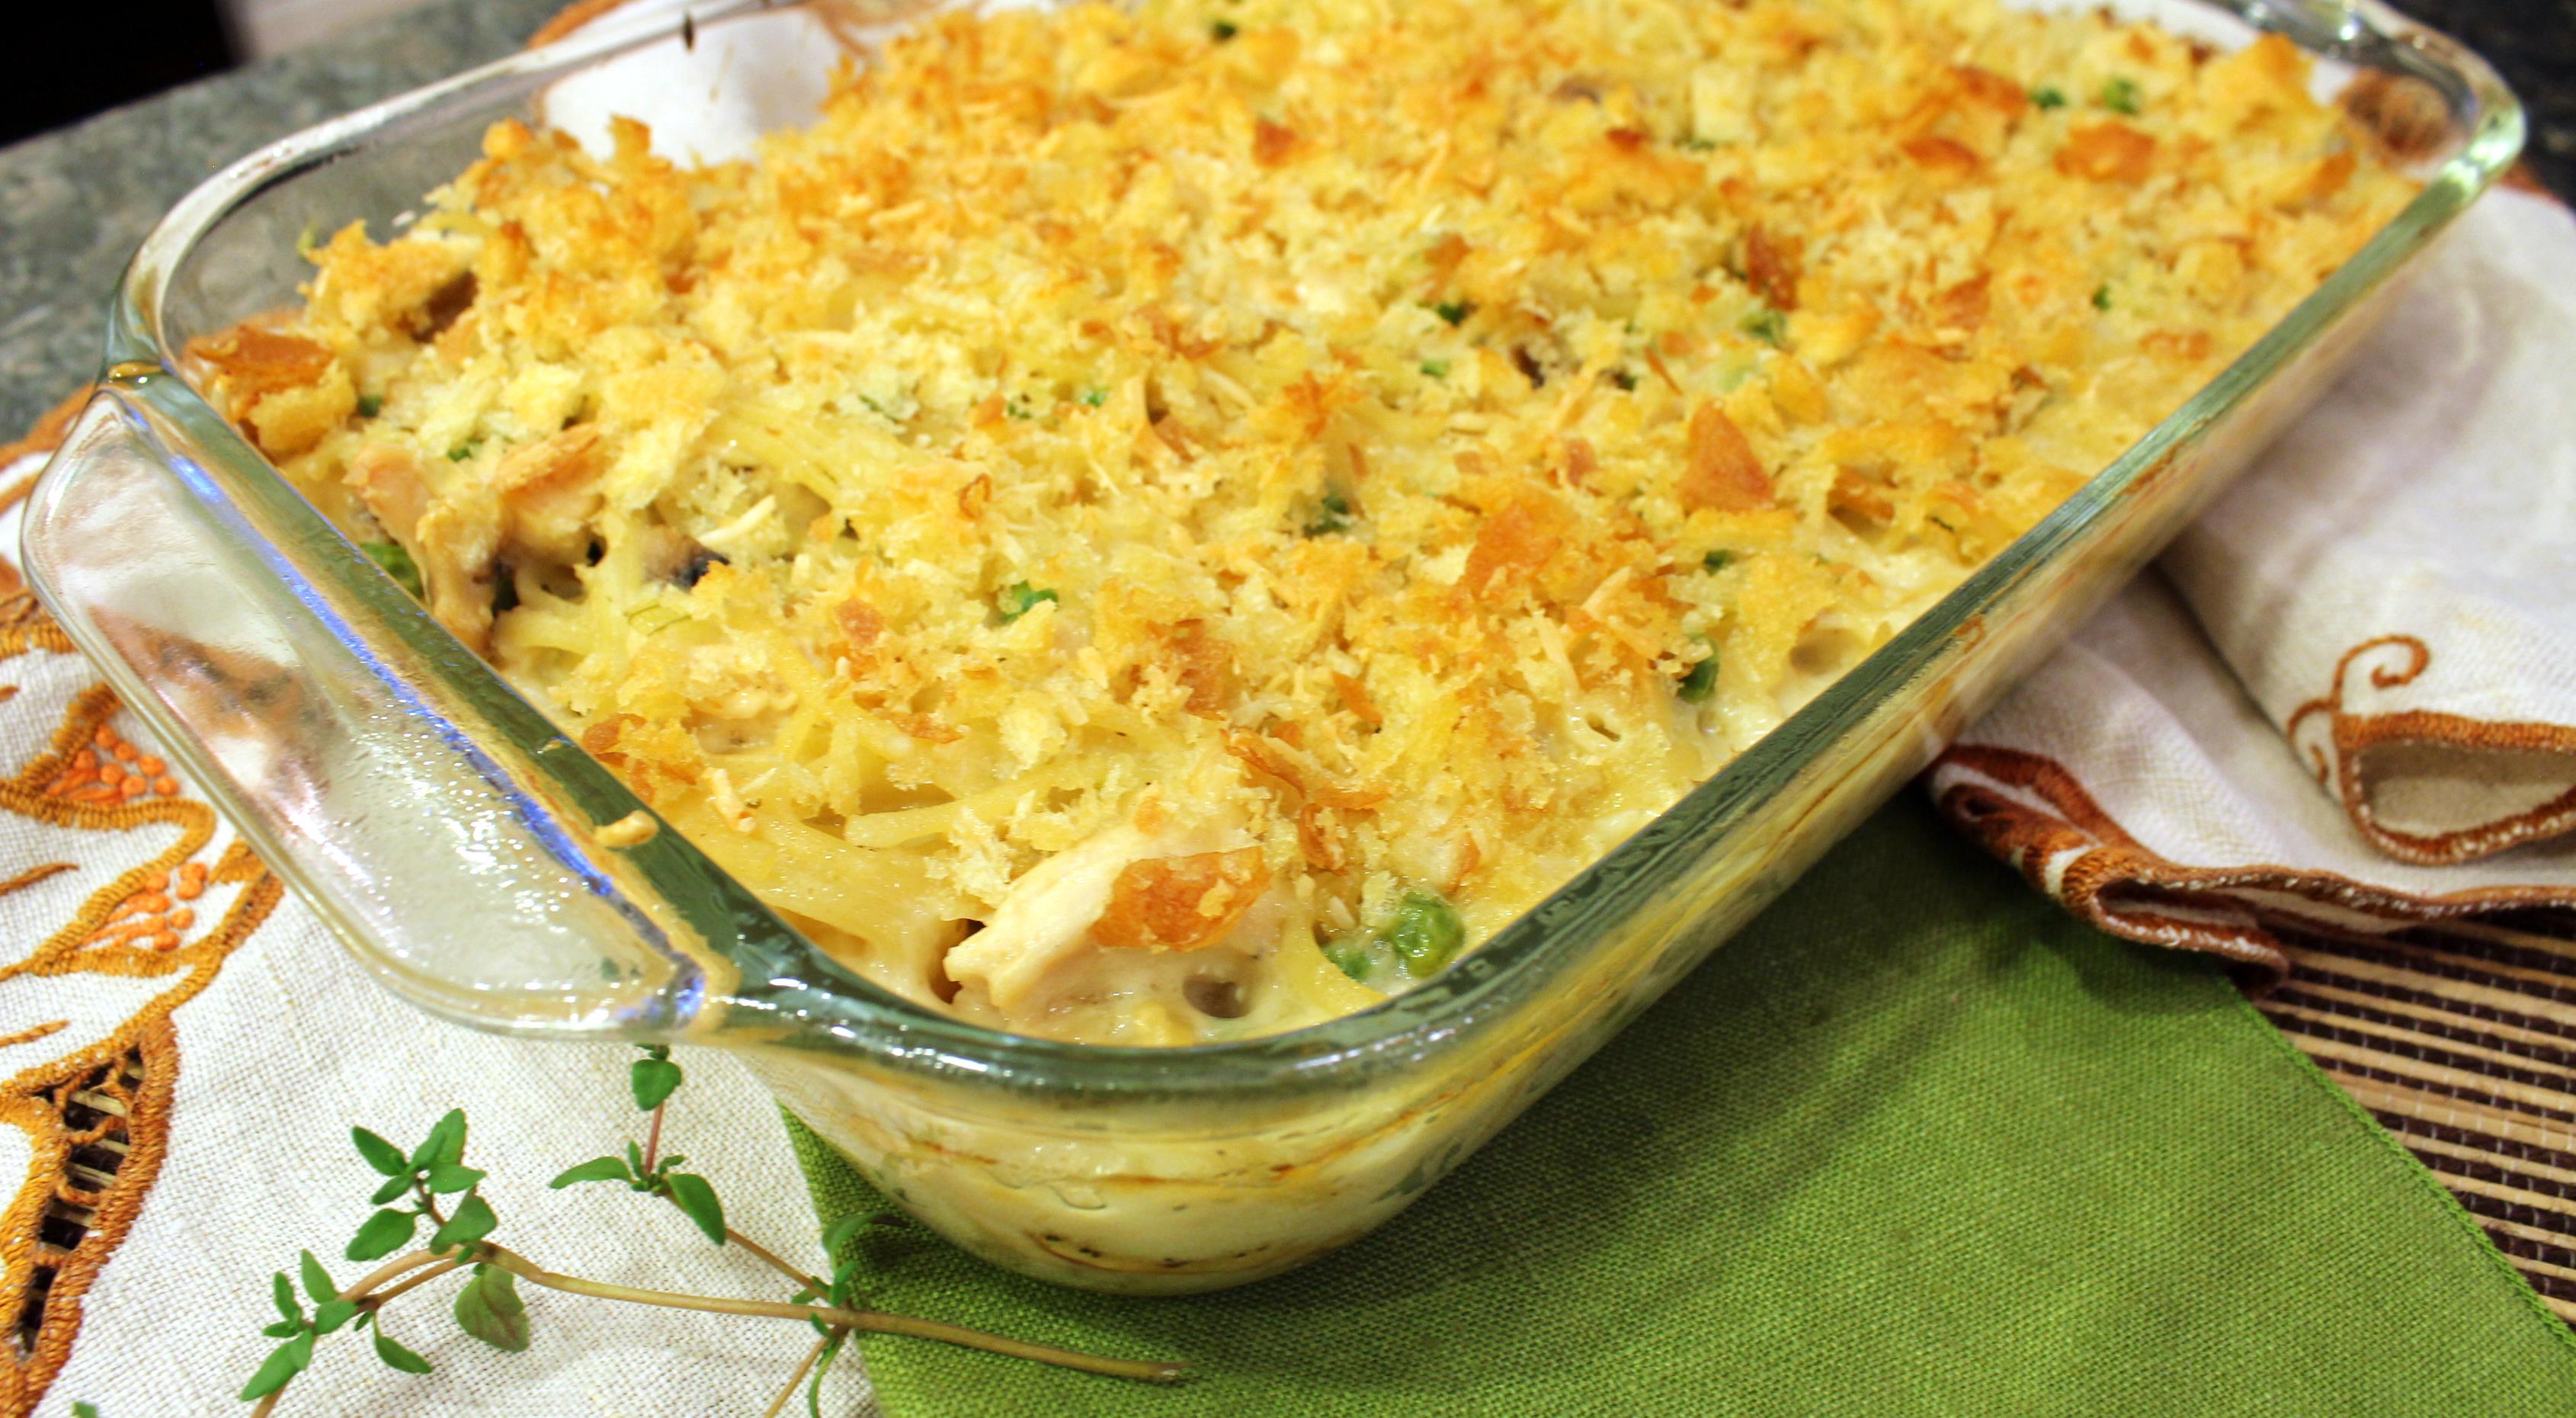 cheesy chicken tetrazzini casserole